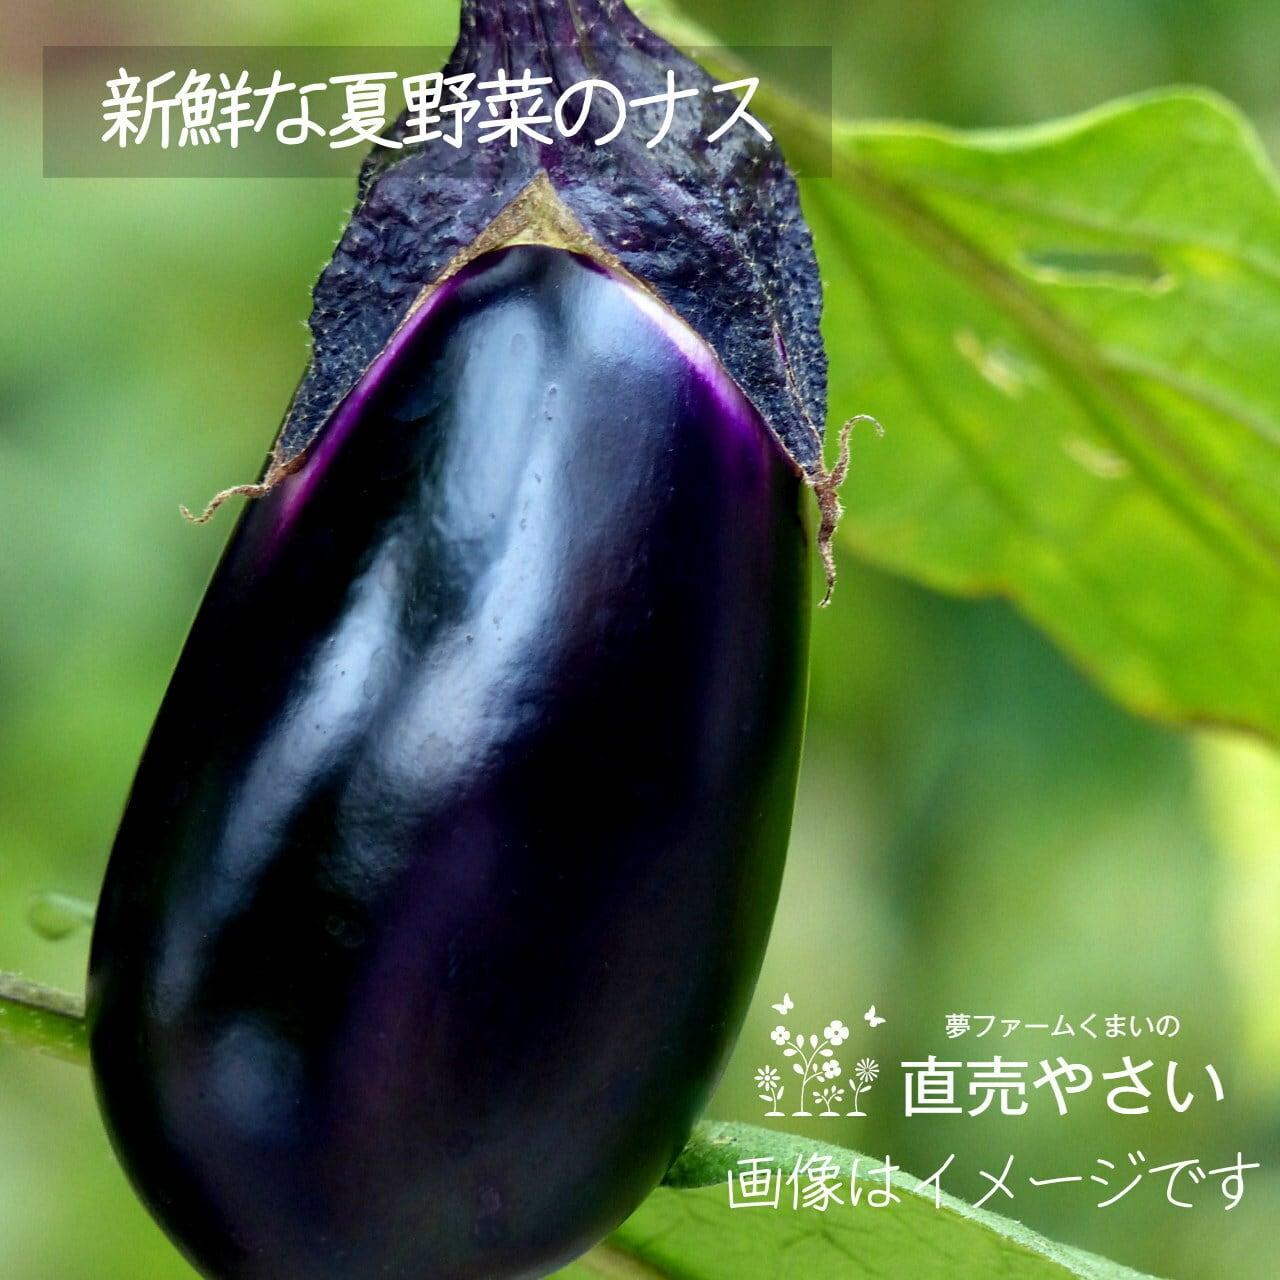 6月の新鮮野菜 : ナス 約350g 朝採り直売野菜 6月26日発送予定